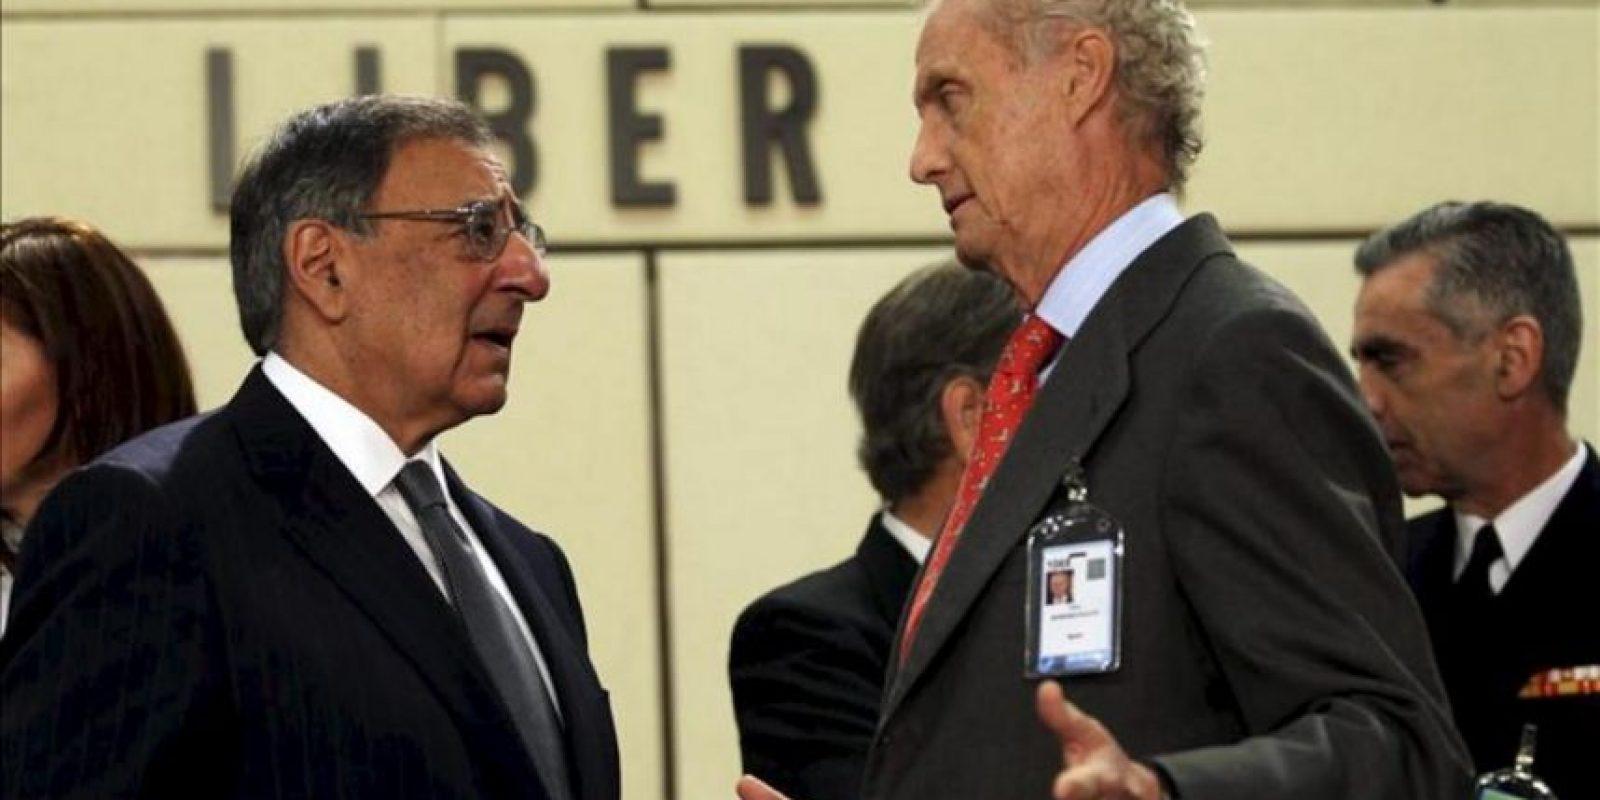 El ministro español de Defensa Pedro Morenés (dch) conversa con su colega estadounidense Leon Panetta al inicio de la reunión de ministros de Exteriores y de Defensa de la OTAN hoy, 18 de abril de 2012, en Bruselas, Bélgica. EFE